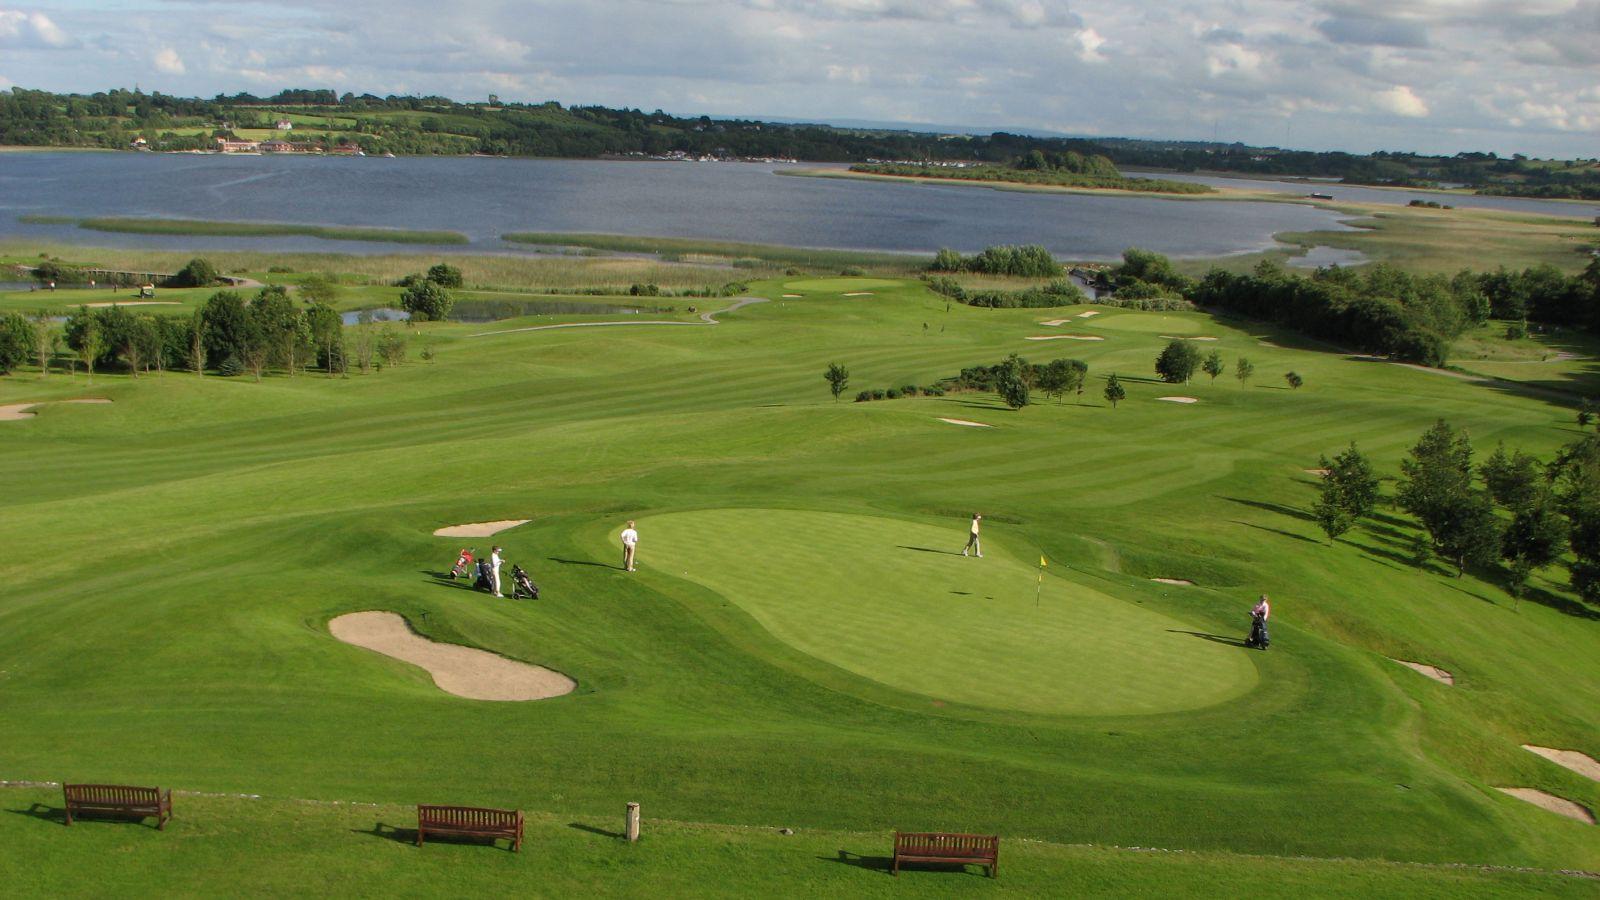 Glasson Golf Club, Golf Courses Near Athlone, Golf Club in Glasson